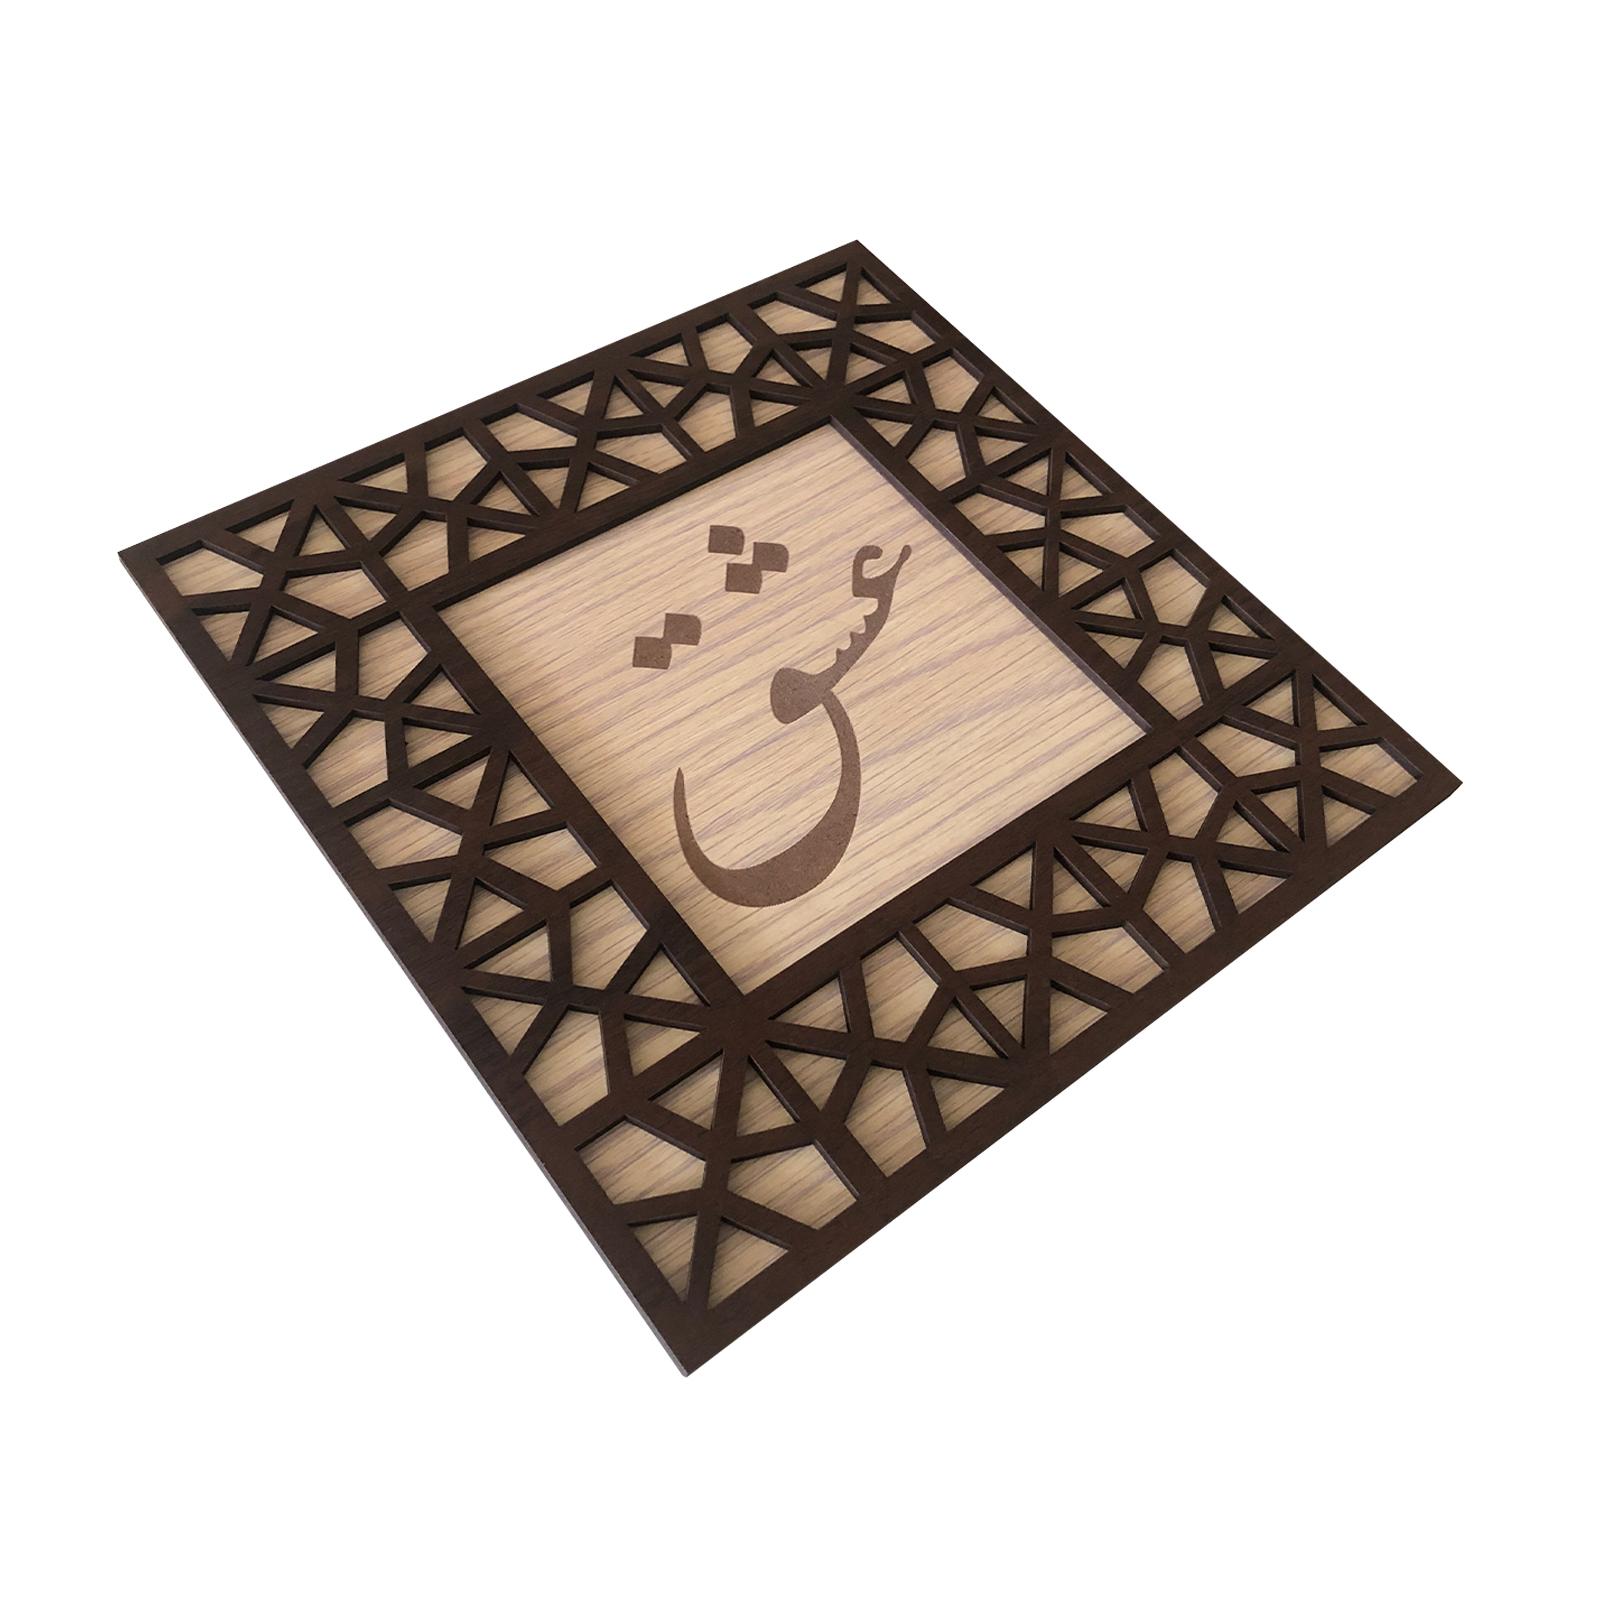 خرید                      تابلو چوبی طرح عشق مدل دل نوشته کد ta7